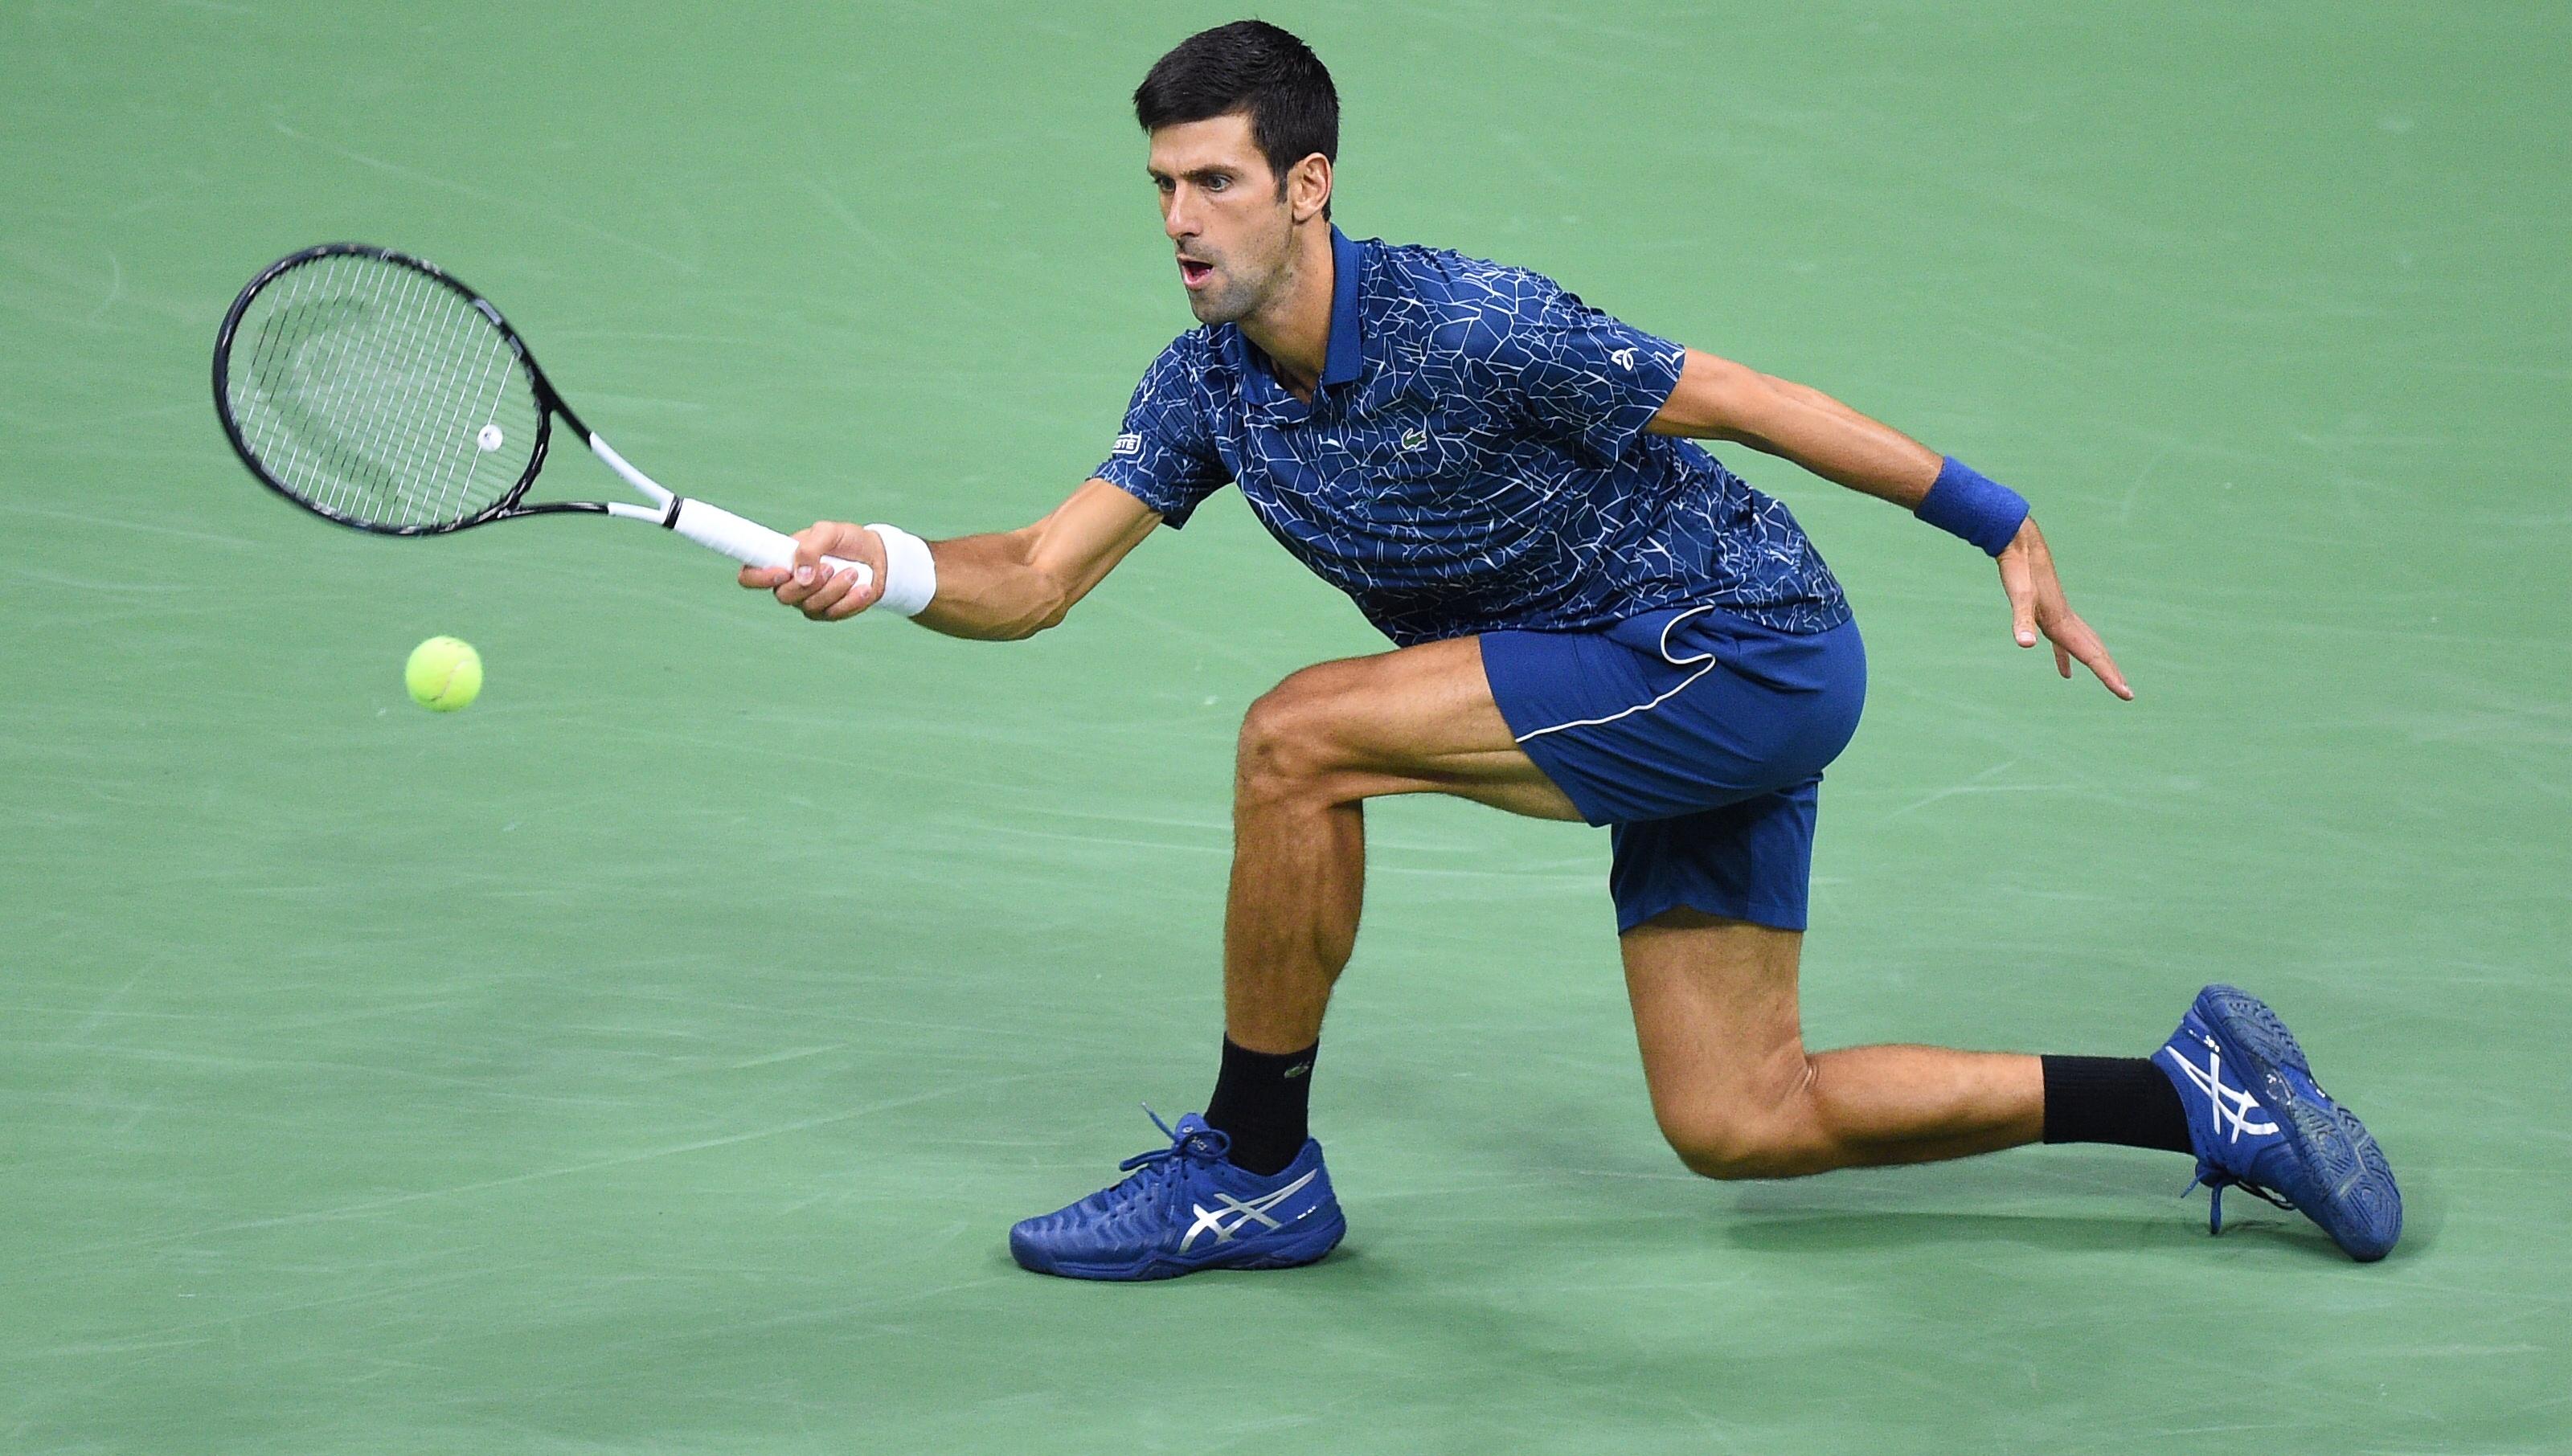 Hasil gambar untuk Djokovic with tiger shoes